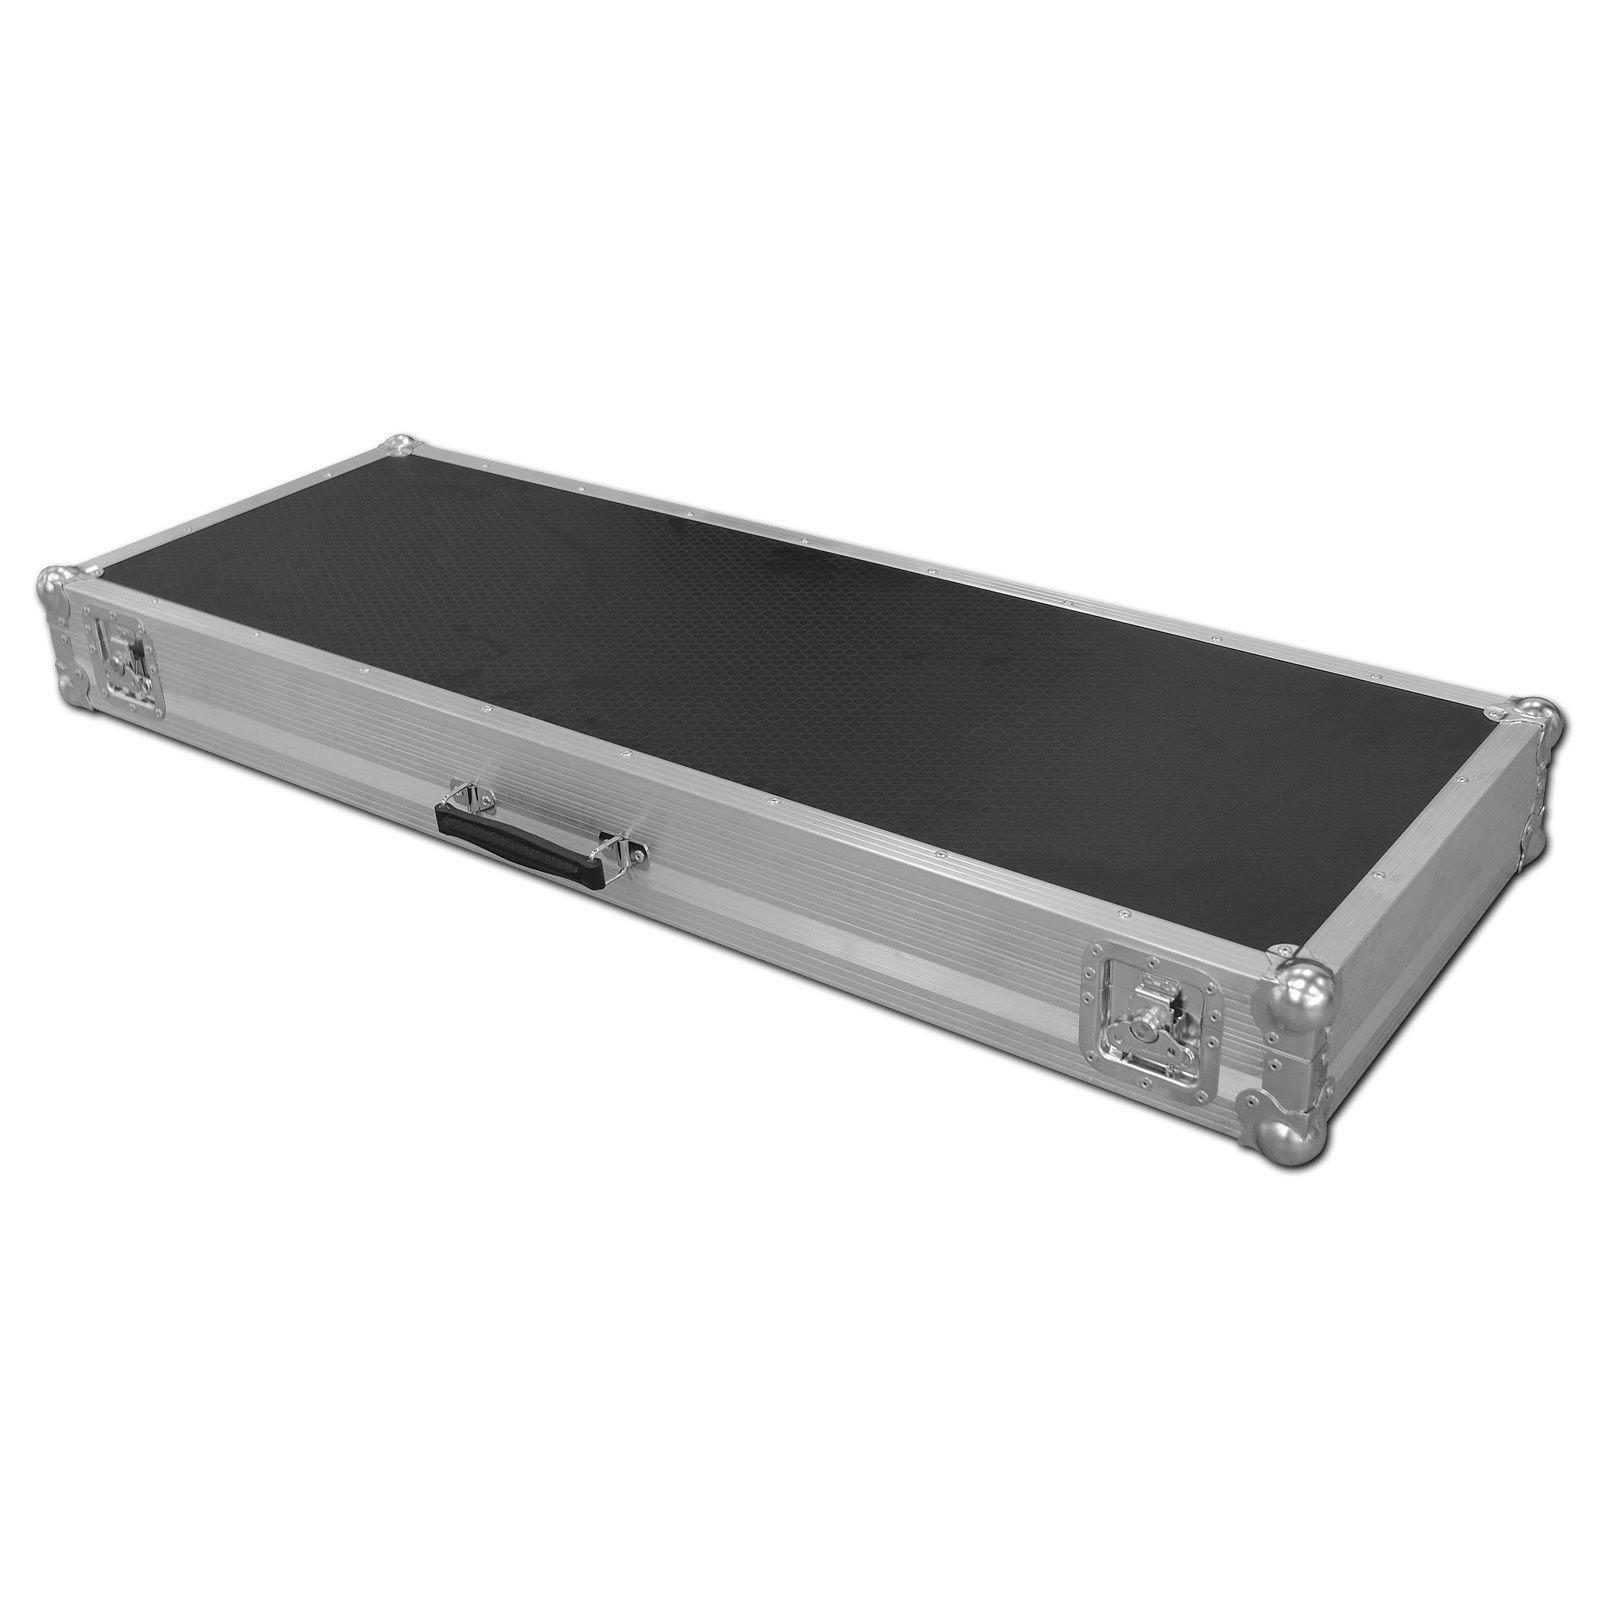 fender precision bass guitar hard case flight case. Black Bedroom Furniture Sets. Home Design Ideas